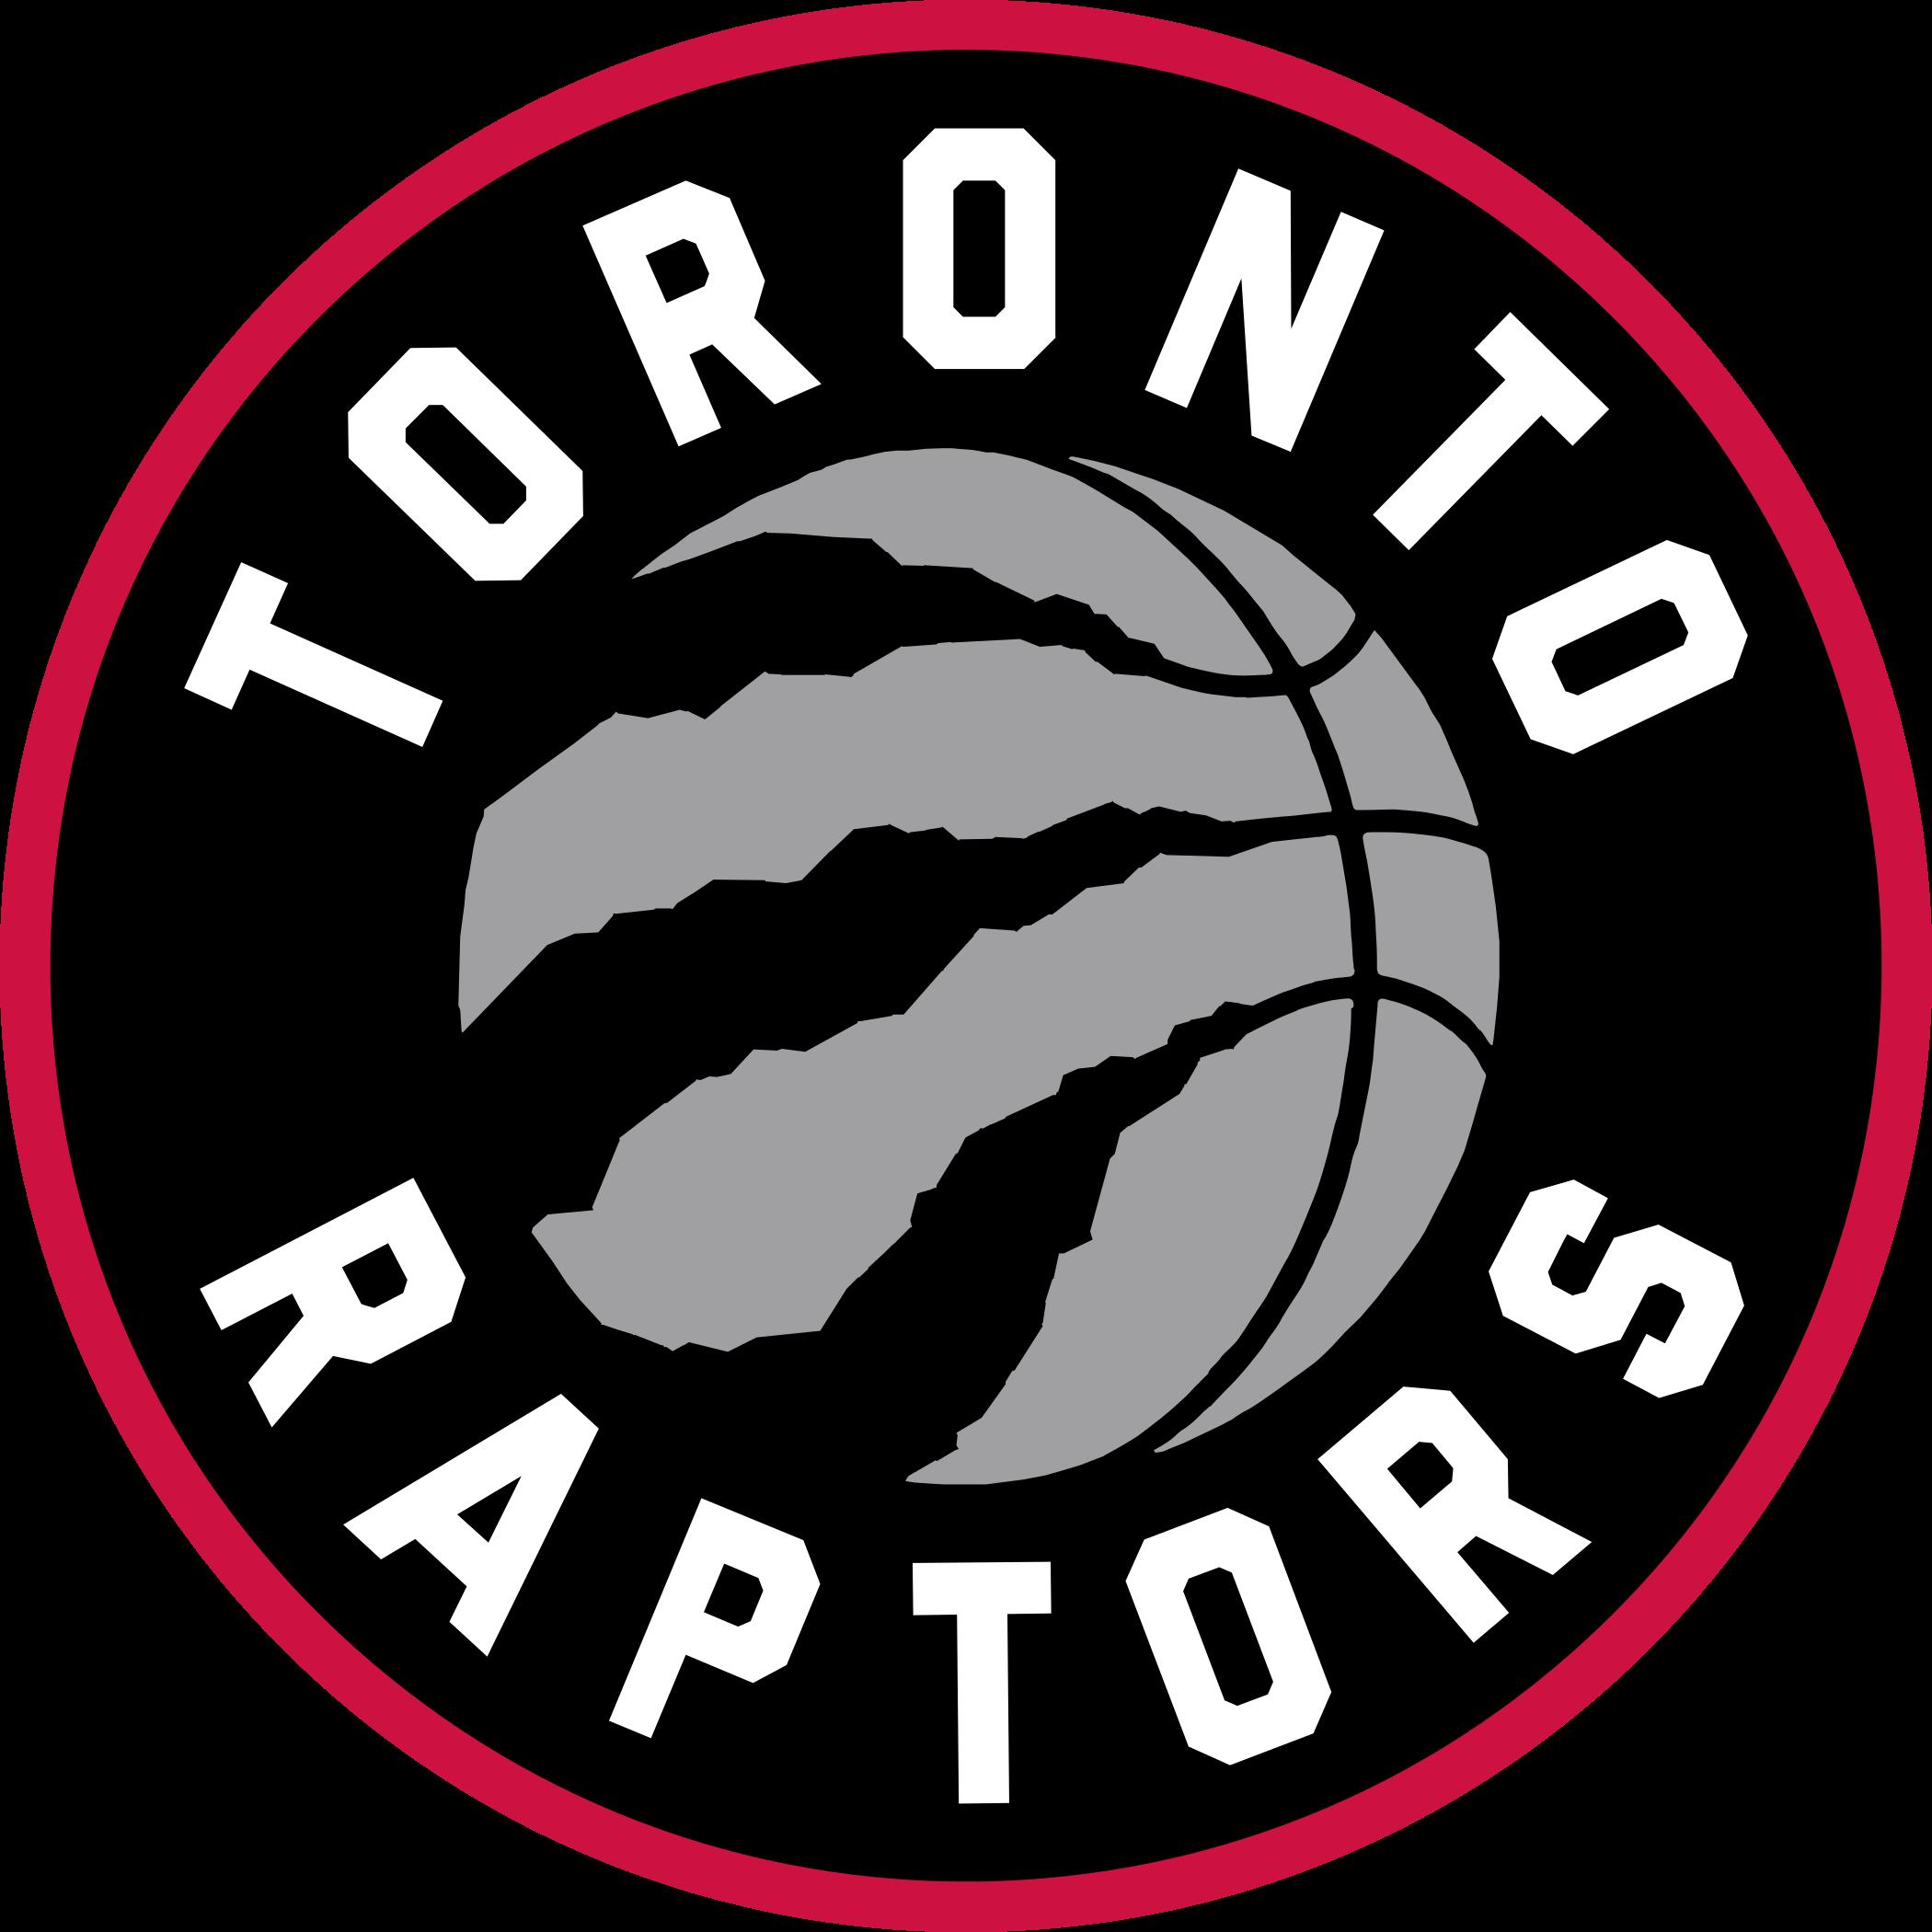 toronto raptors logo 1 - Toronto Raptors Logo